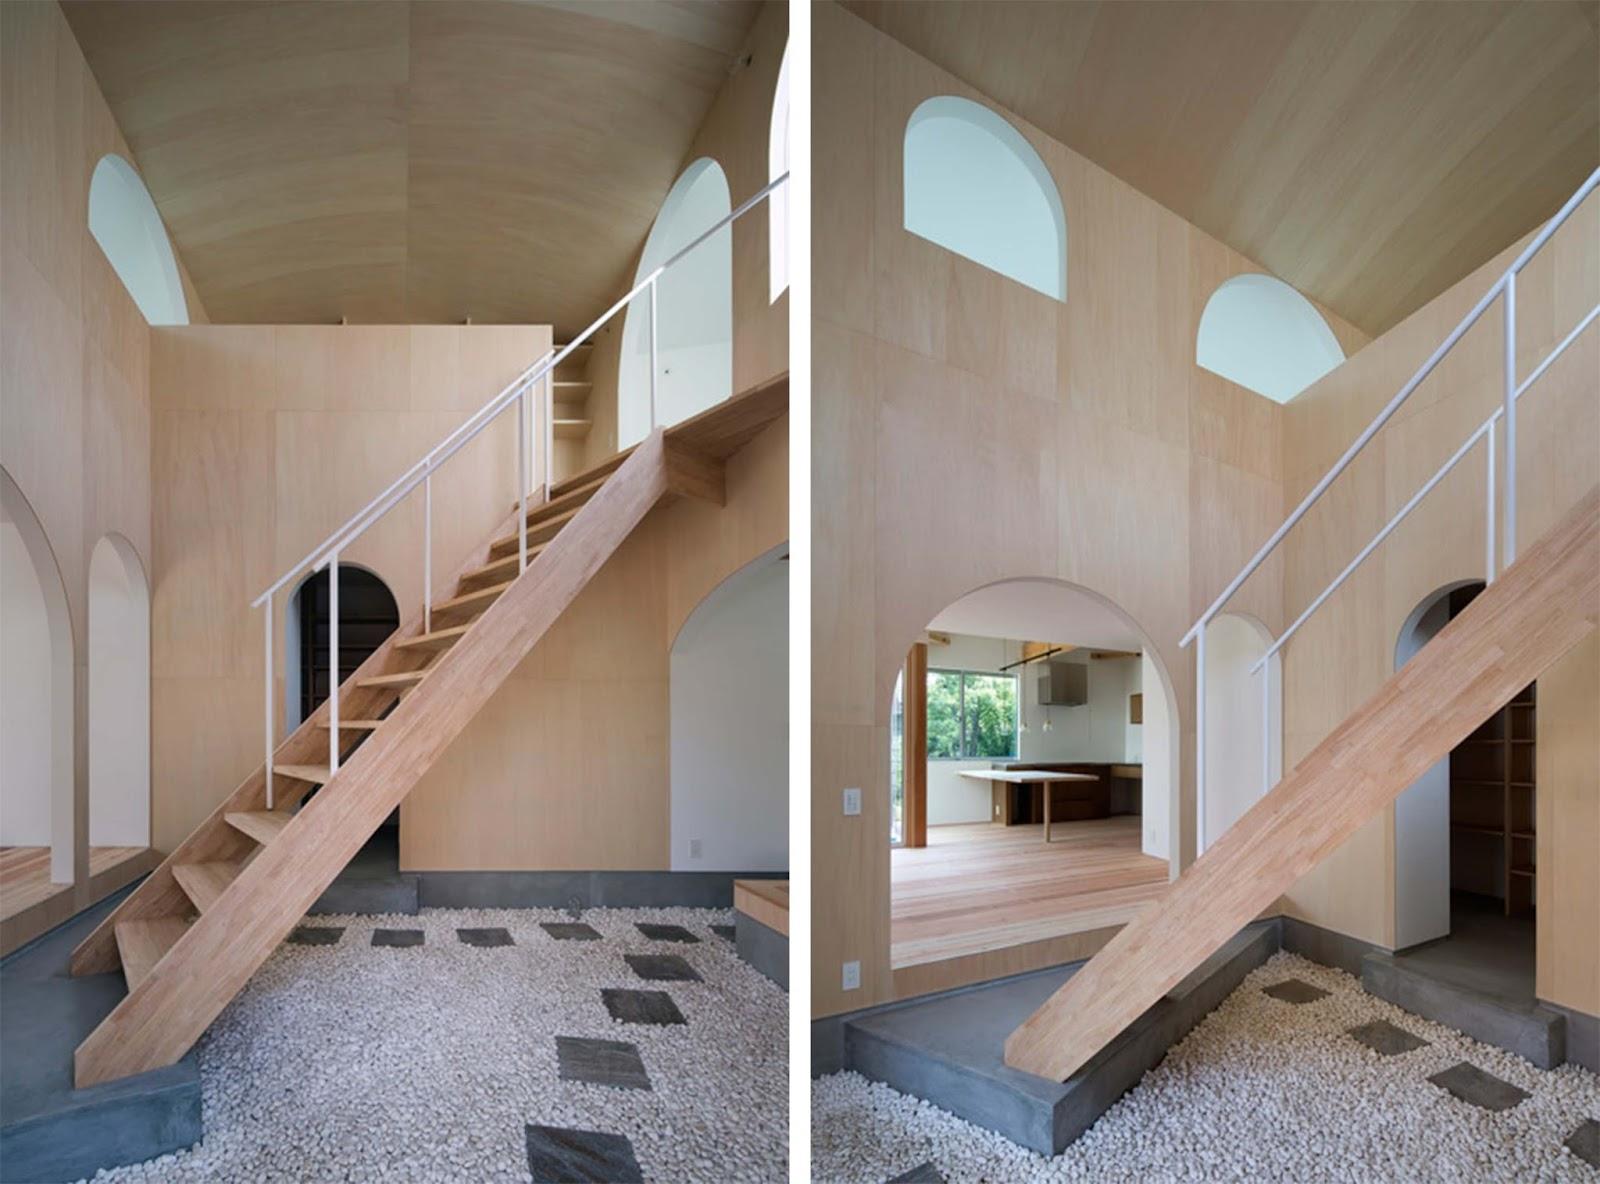 Ampliamento di una casa con cortile a kudamatsu in giappone by container design arc art blog - Ampliare casa con struttura in legno ...